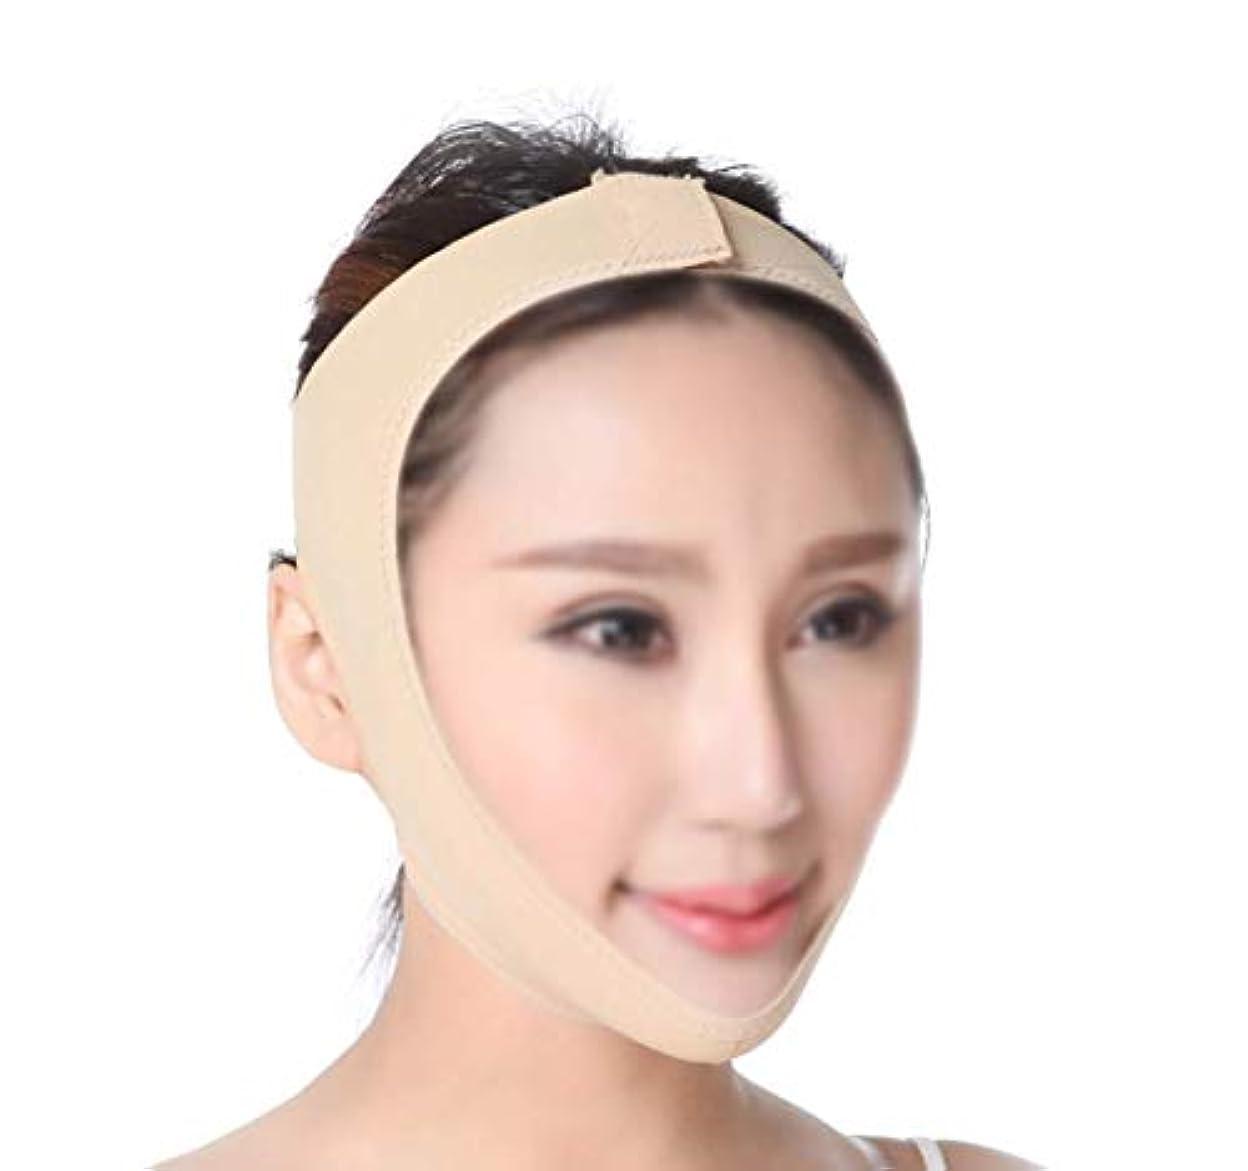 電話をかける試す未満フェイスリフティング包帯、フェイシャル減量しわ防止ケアフェイスが肌を引き締め、効果的にダブルチンを改善し、V字型の顔になります(サイズ:XL)